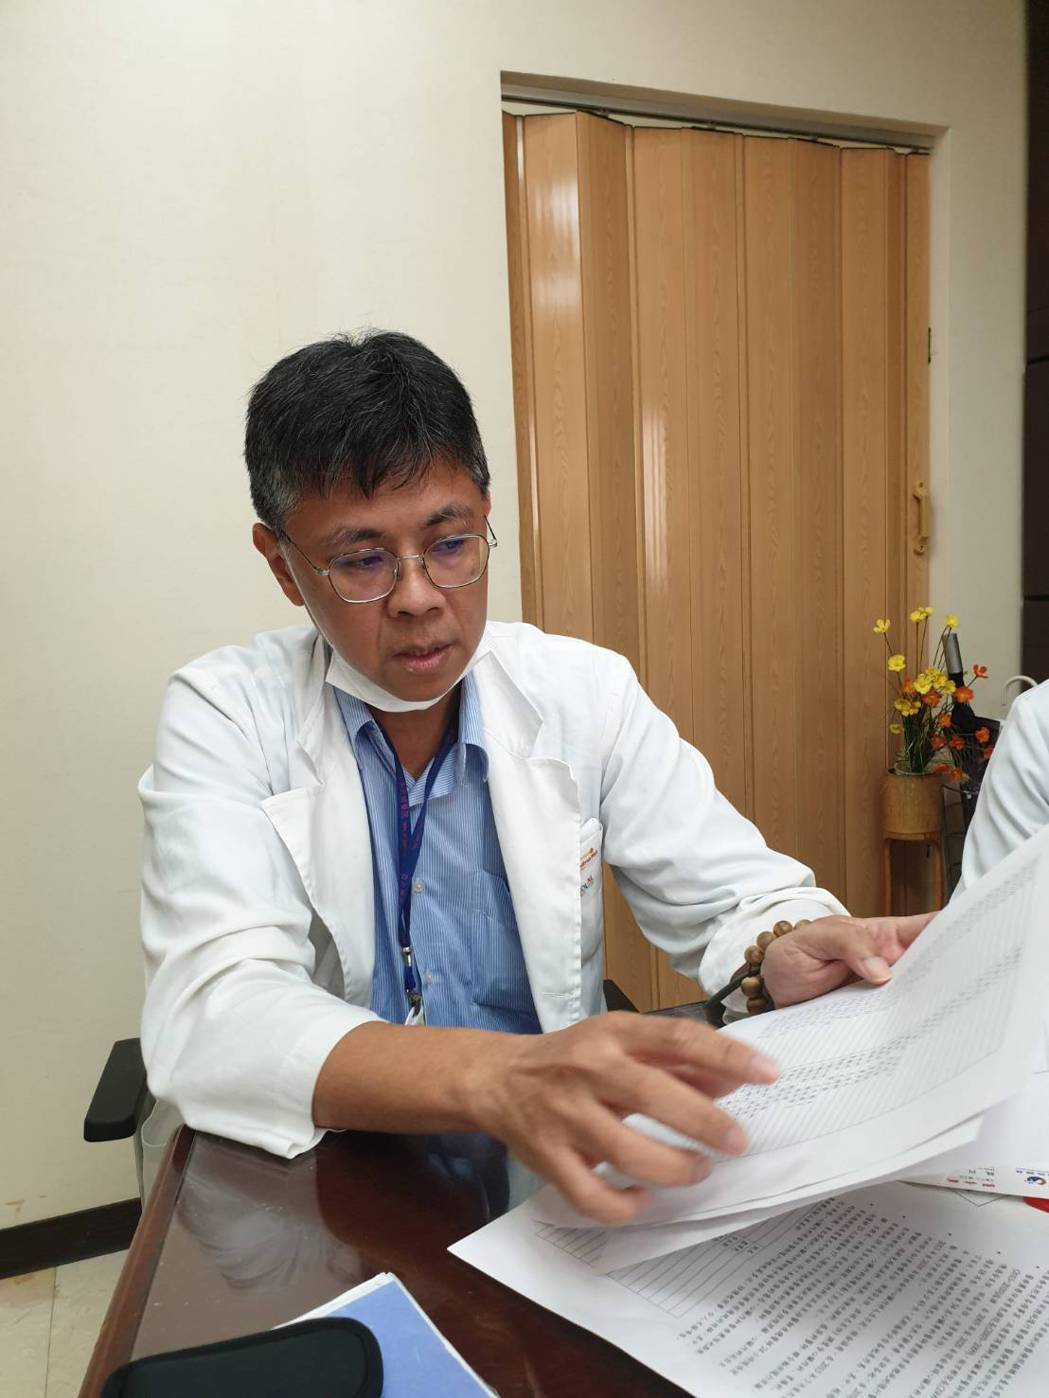 北榮心臟內科主任林彥璋回憶,早年李登輝體力比較好,常找醫師聊天,也時常勉勵年輕醫...